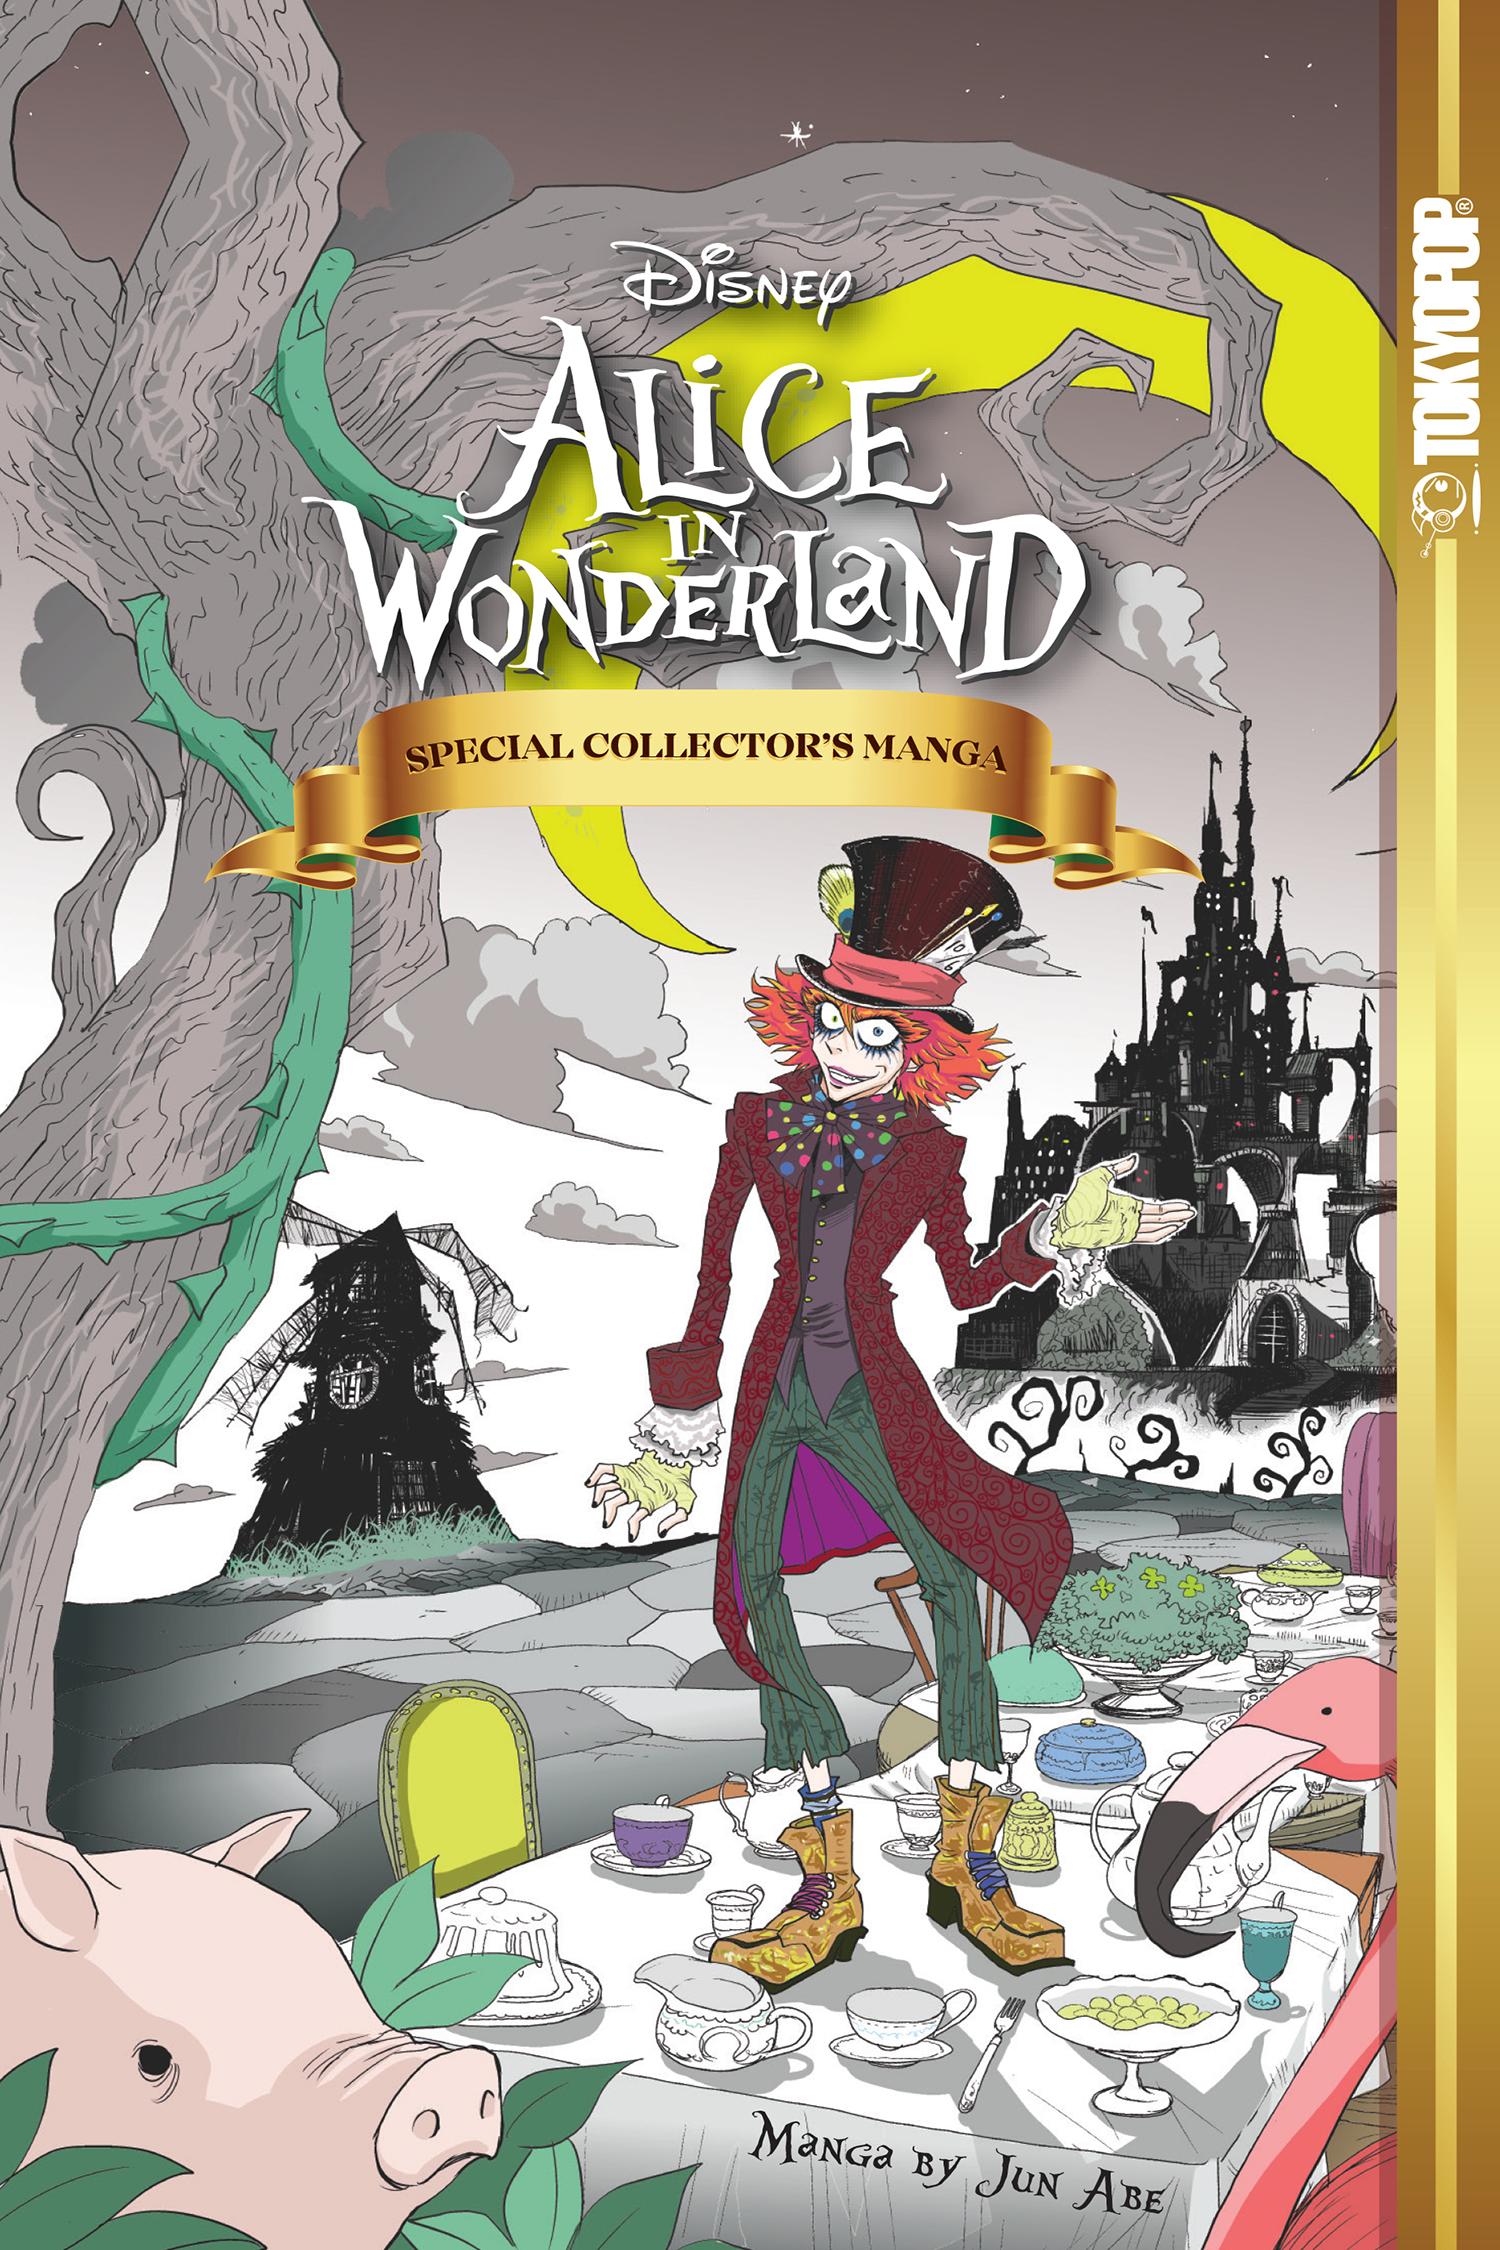 Disney Alice in Wonderland: Special Collector's Edition